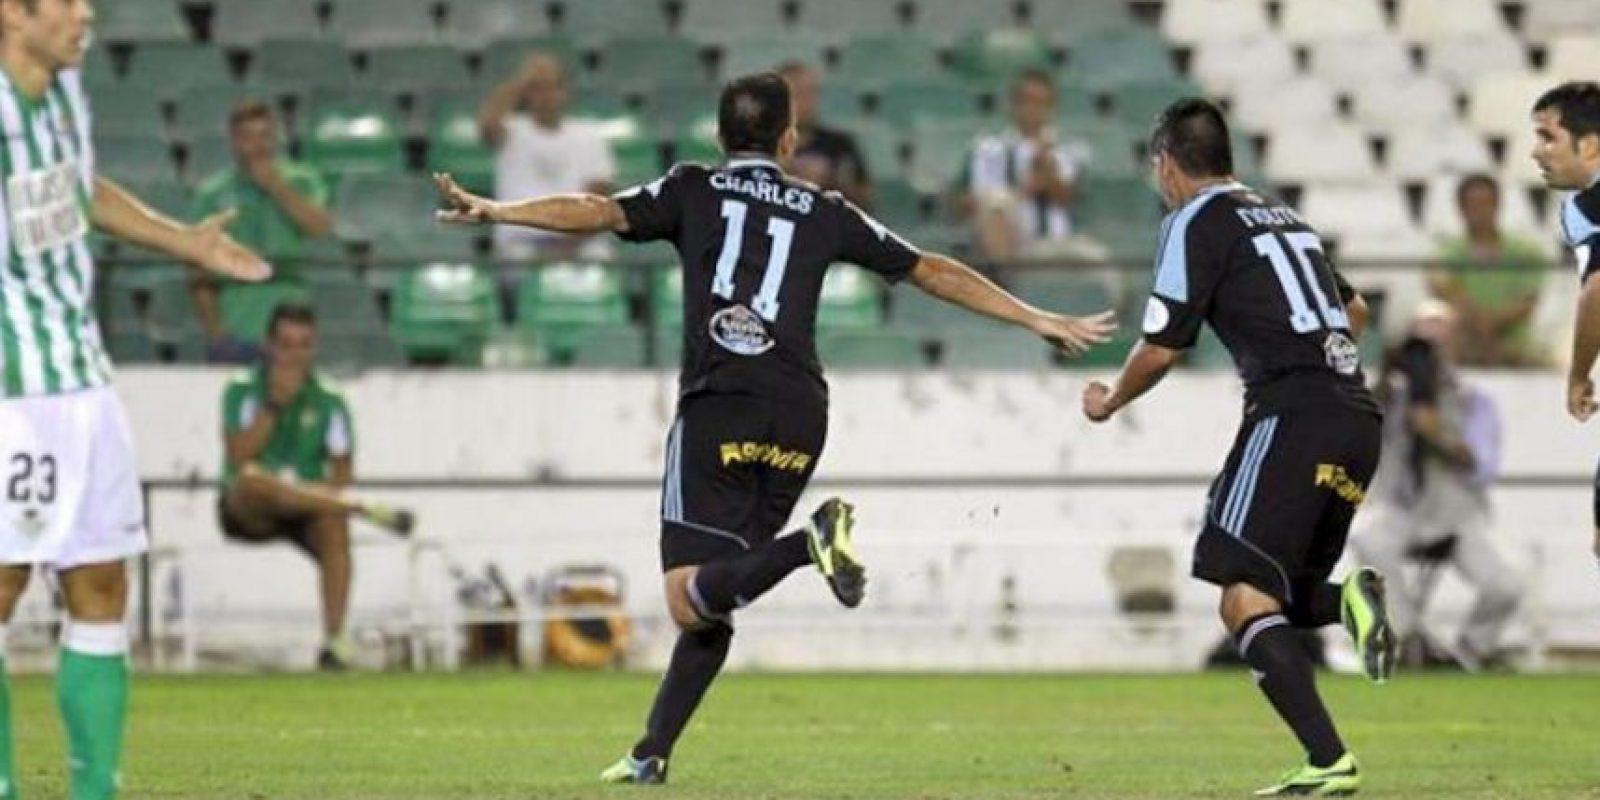 El delantero brasileño del Celta de Vigo Charles (2-i) celebra tras marcar el primer gol ante el Real Betis, durante el partido de la Liga BBVA disputado en el estadio Benito Villamarín, en Sevilla. EFE